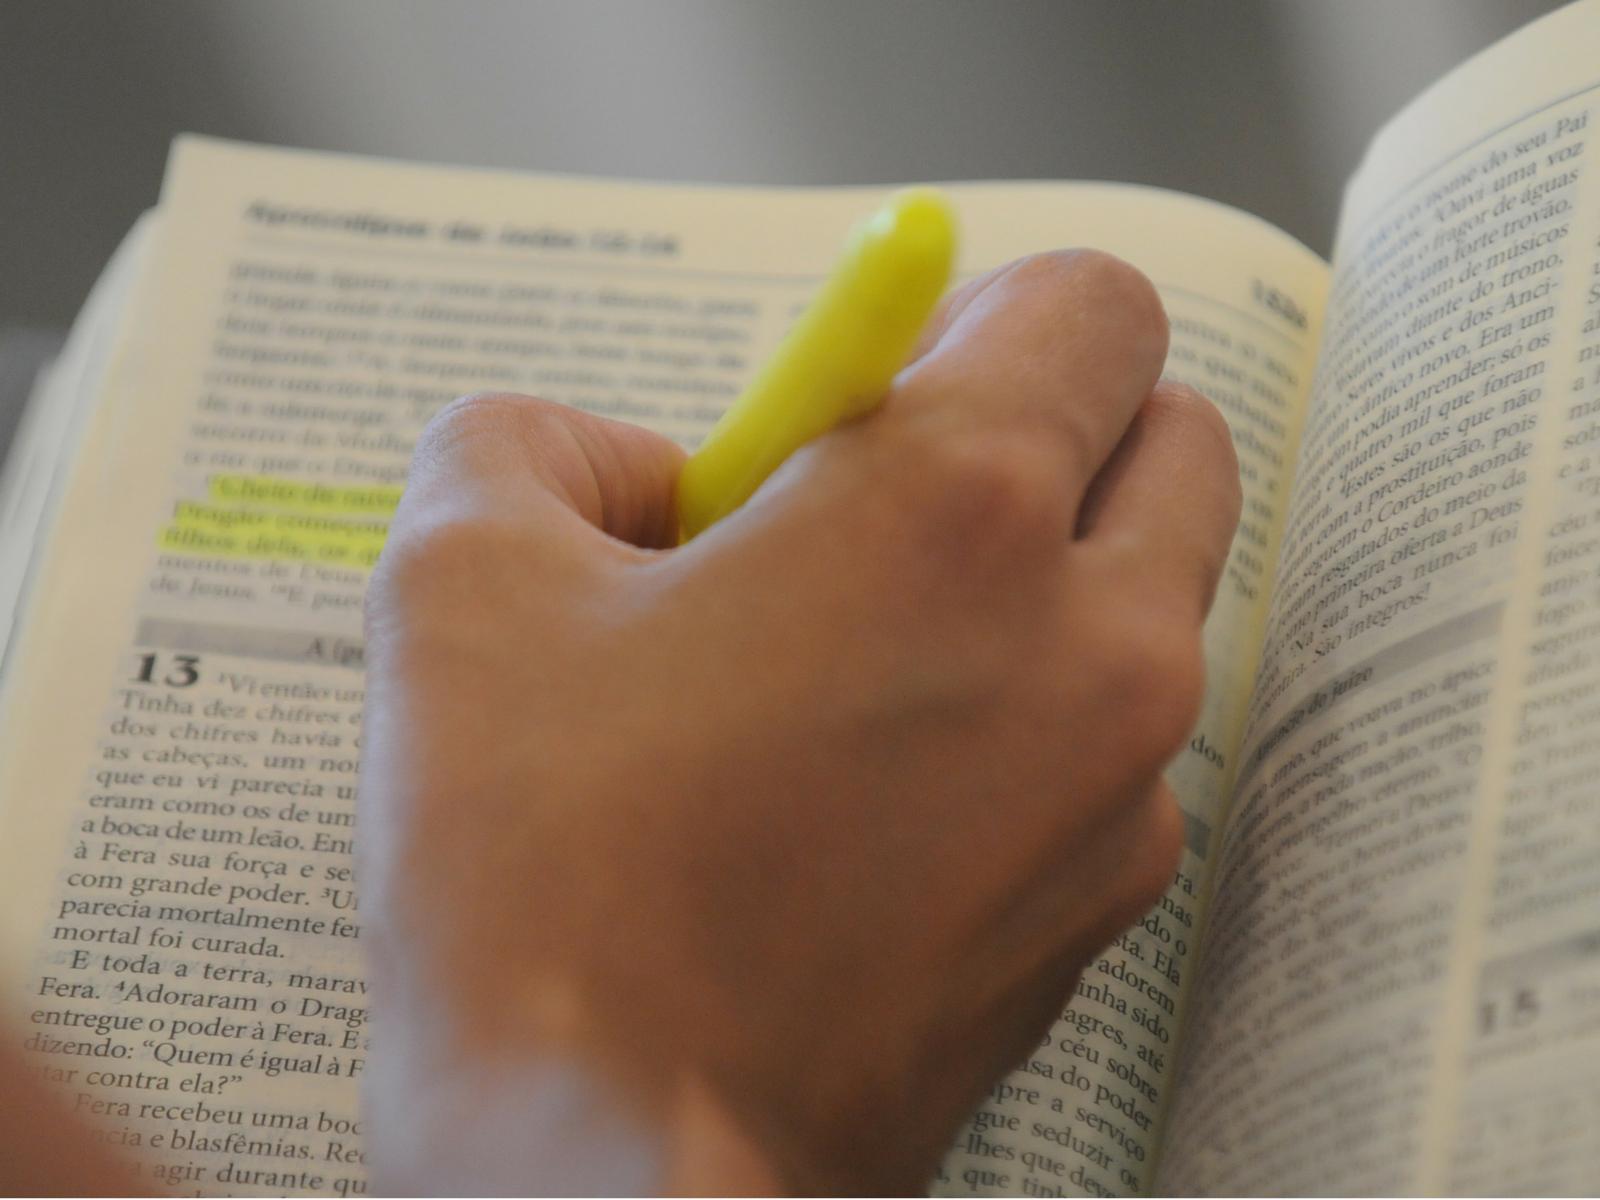 Aprenda um método para ler a Bíblia - 1200 x 1600